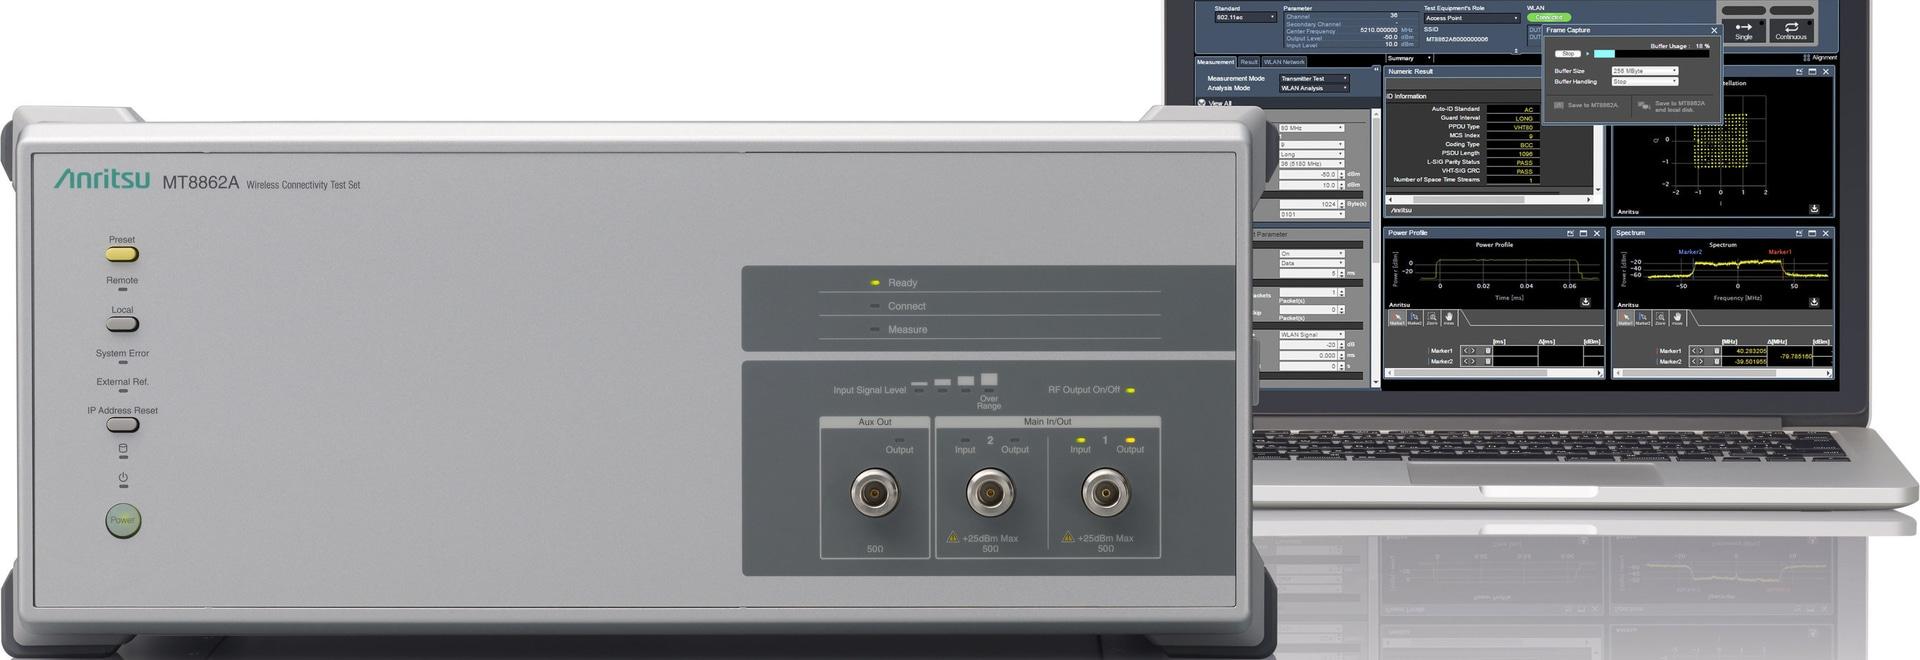 El equipo de prueba de conectividad inalámbrica es compatible con IEEE802.11ac